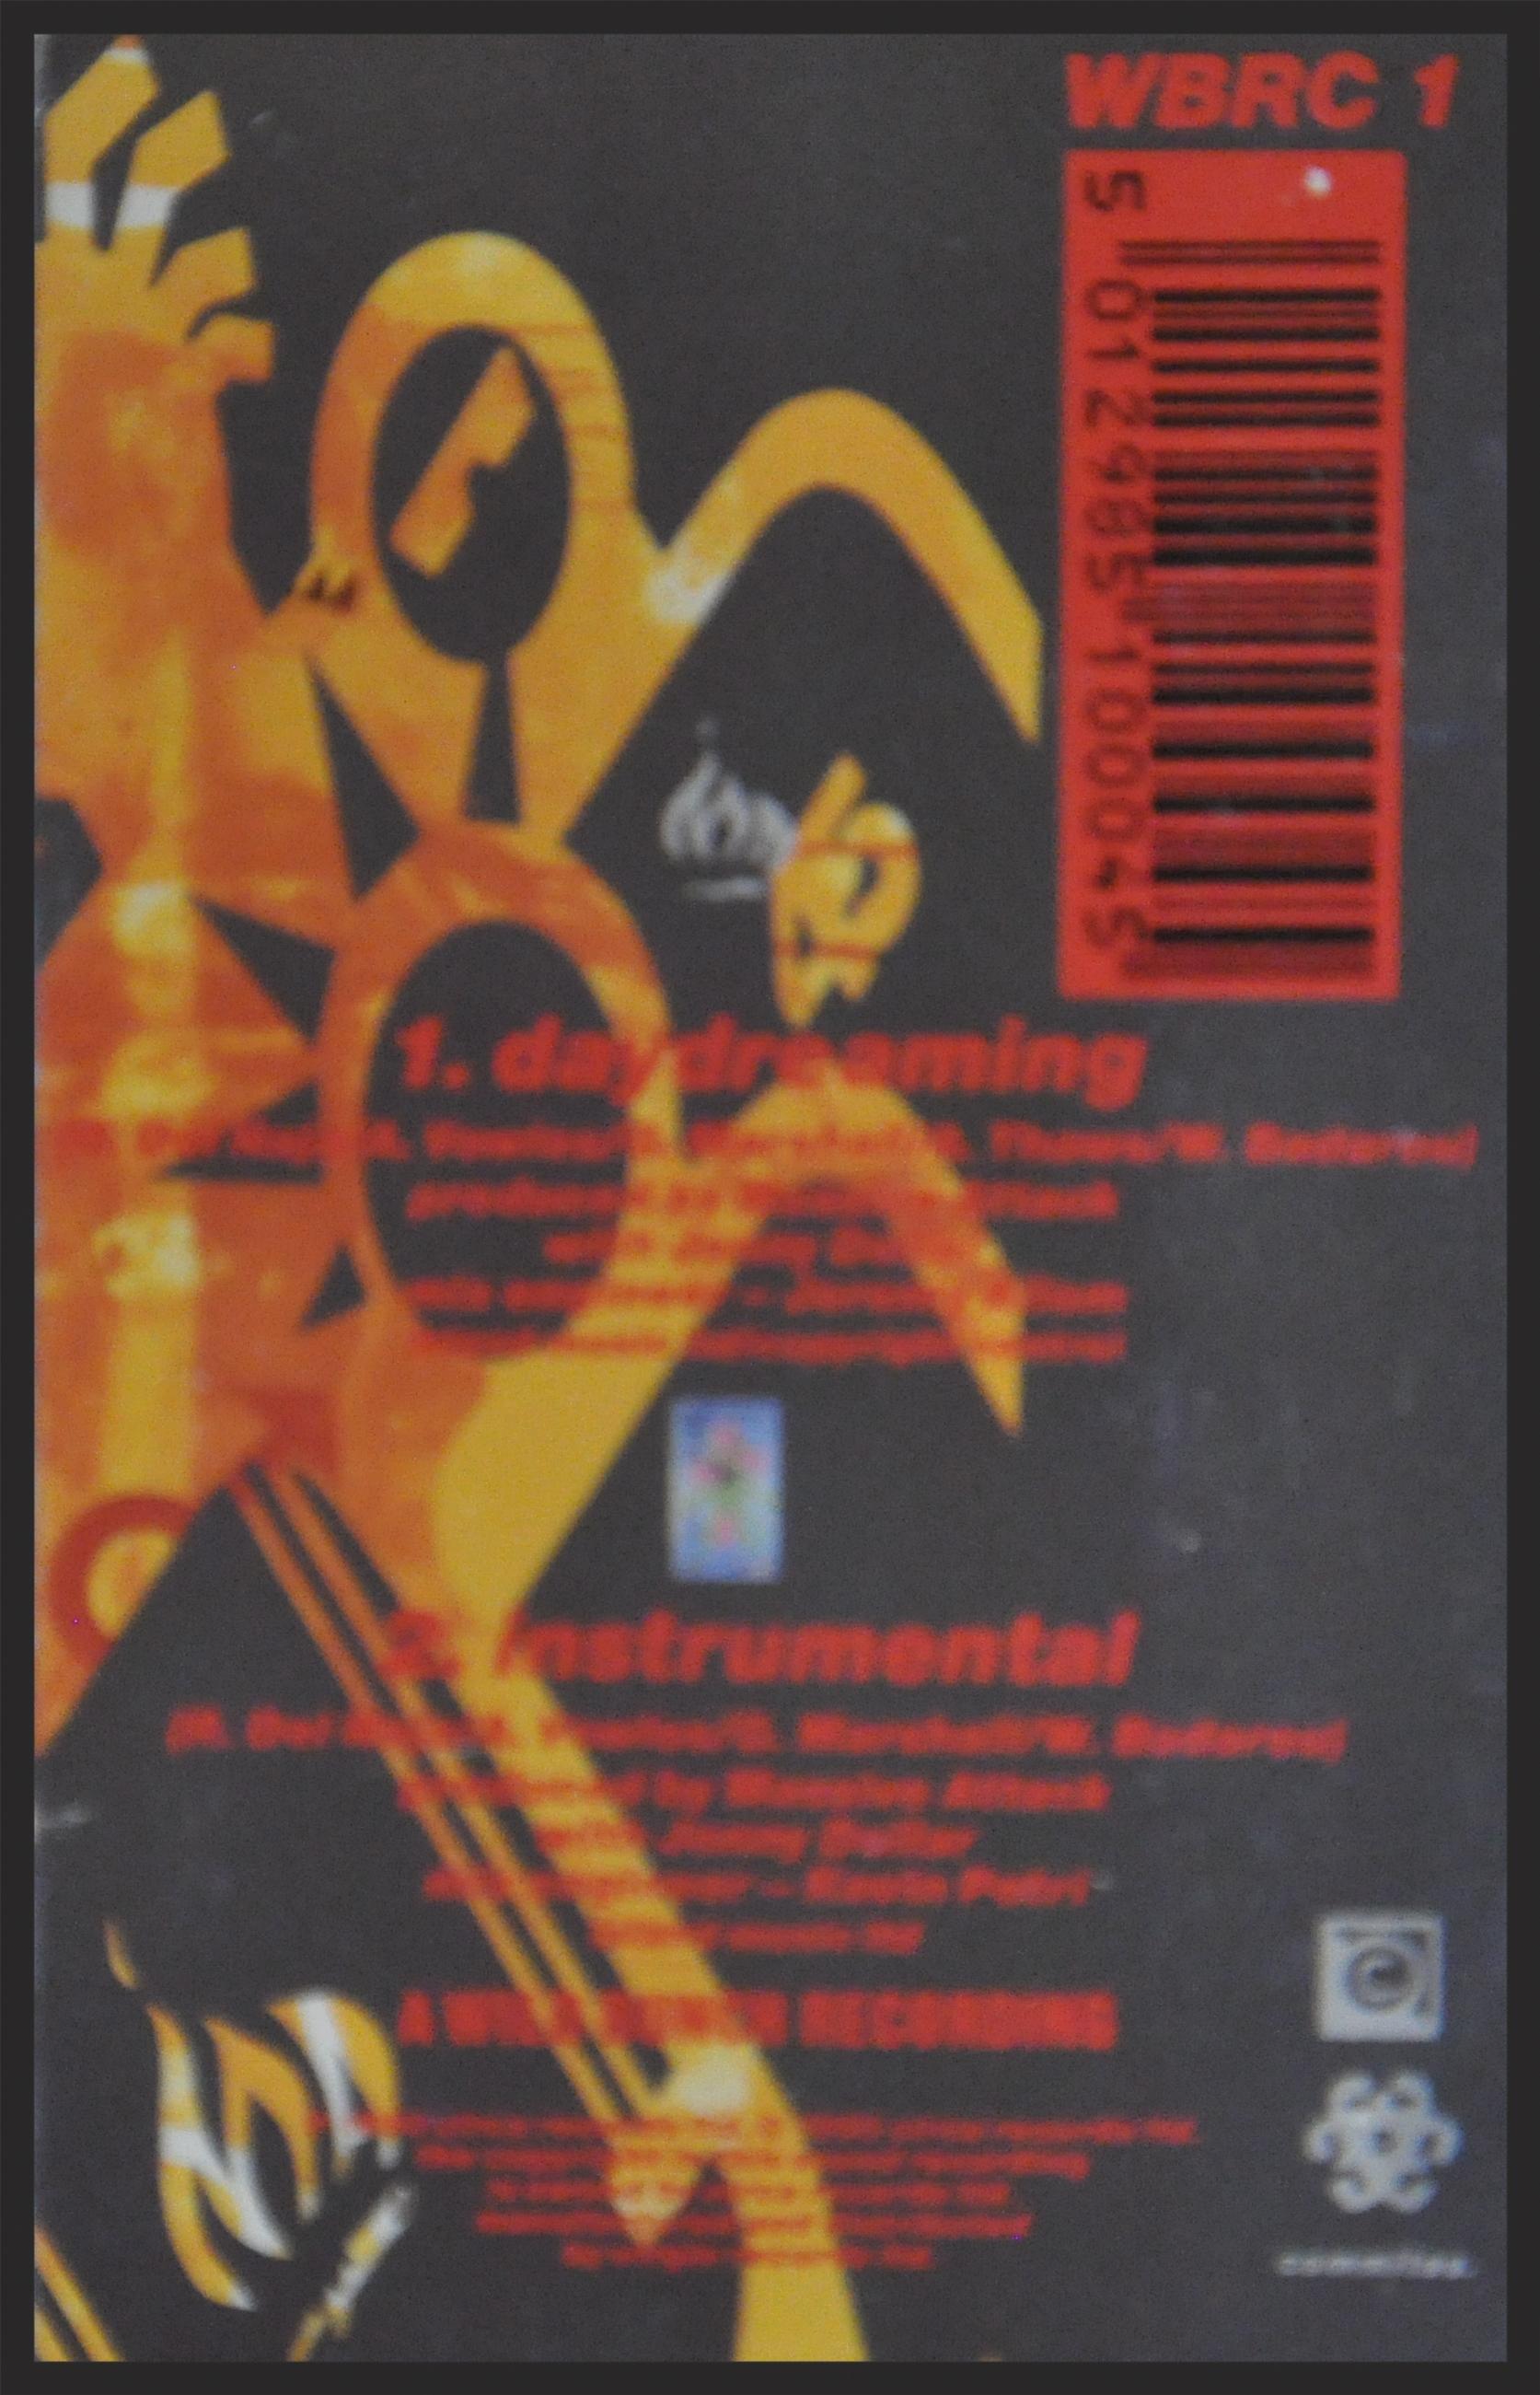 daydreamingukcassette2.jpg